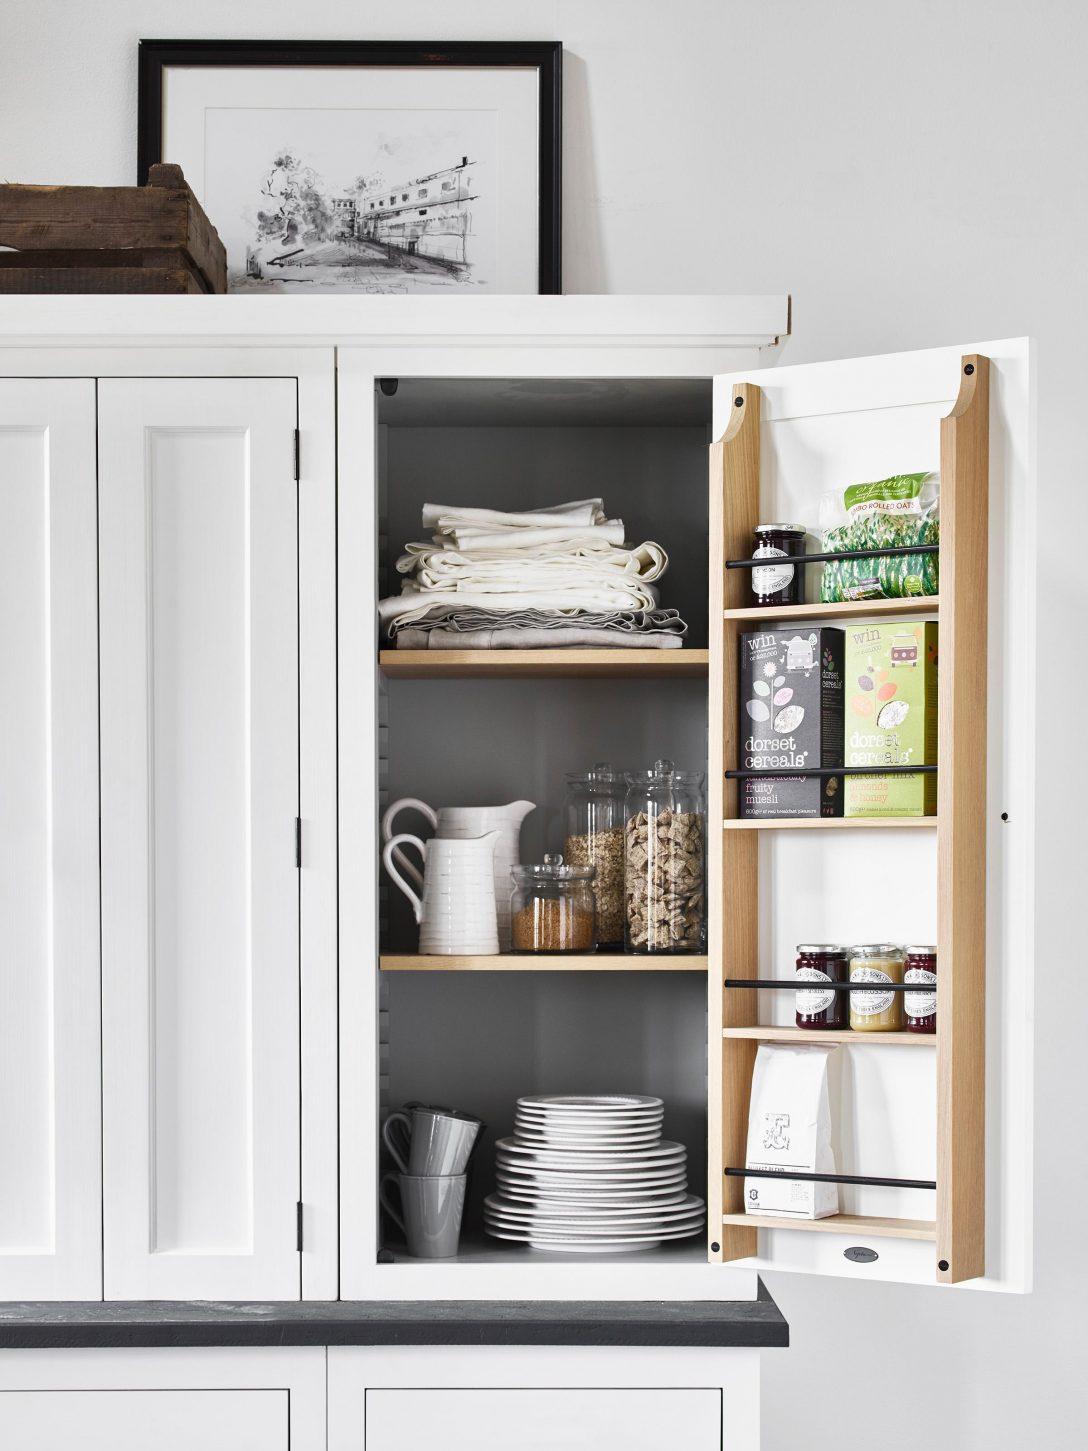 Large Size of Küche Aufbewahrung Küche Aufbewahrung Edelstahl Küche Aufbewahrung Vintage Ideen Kleine Küche Aufbewahrung Küche Küche Aufbewahrung